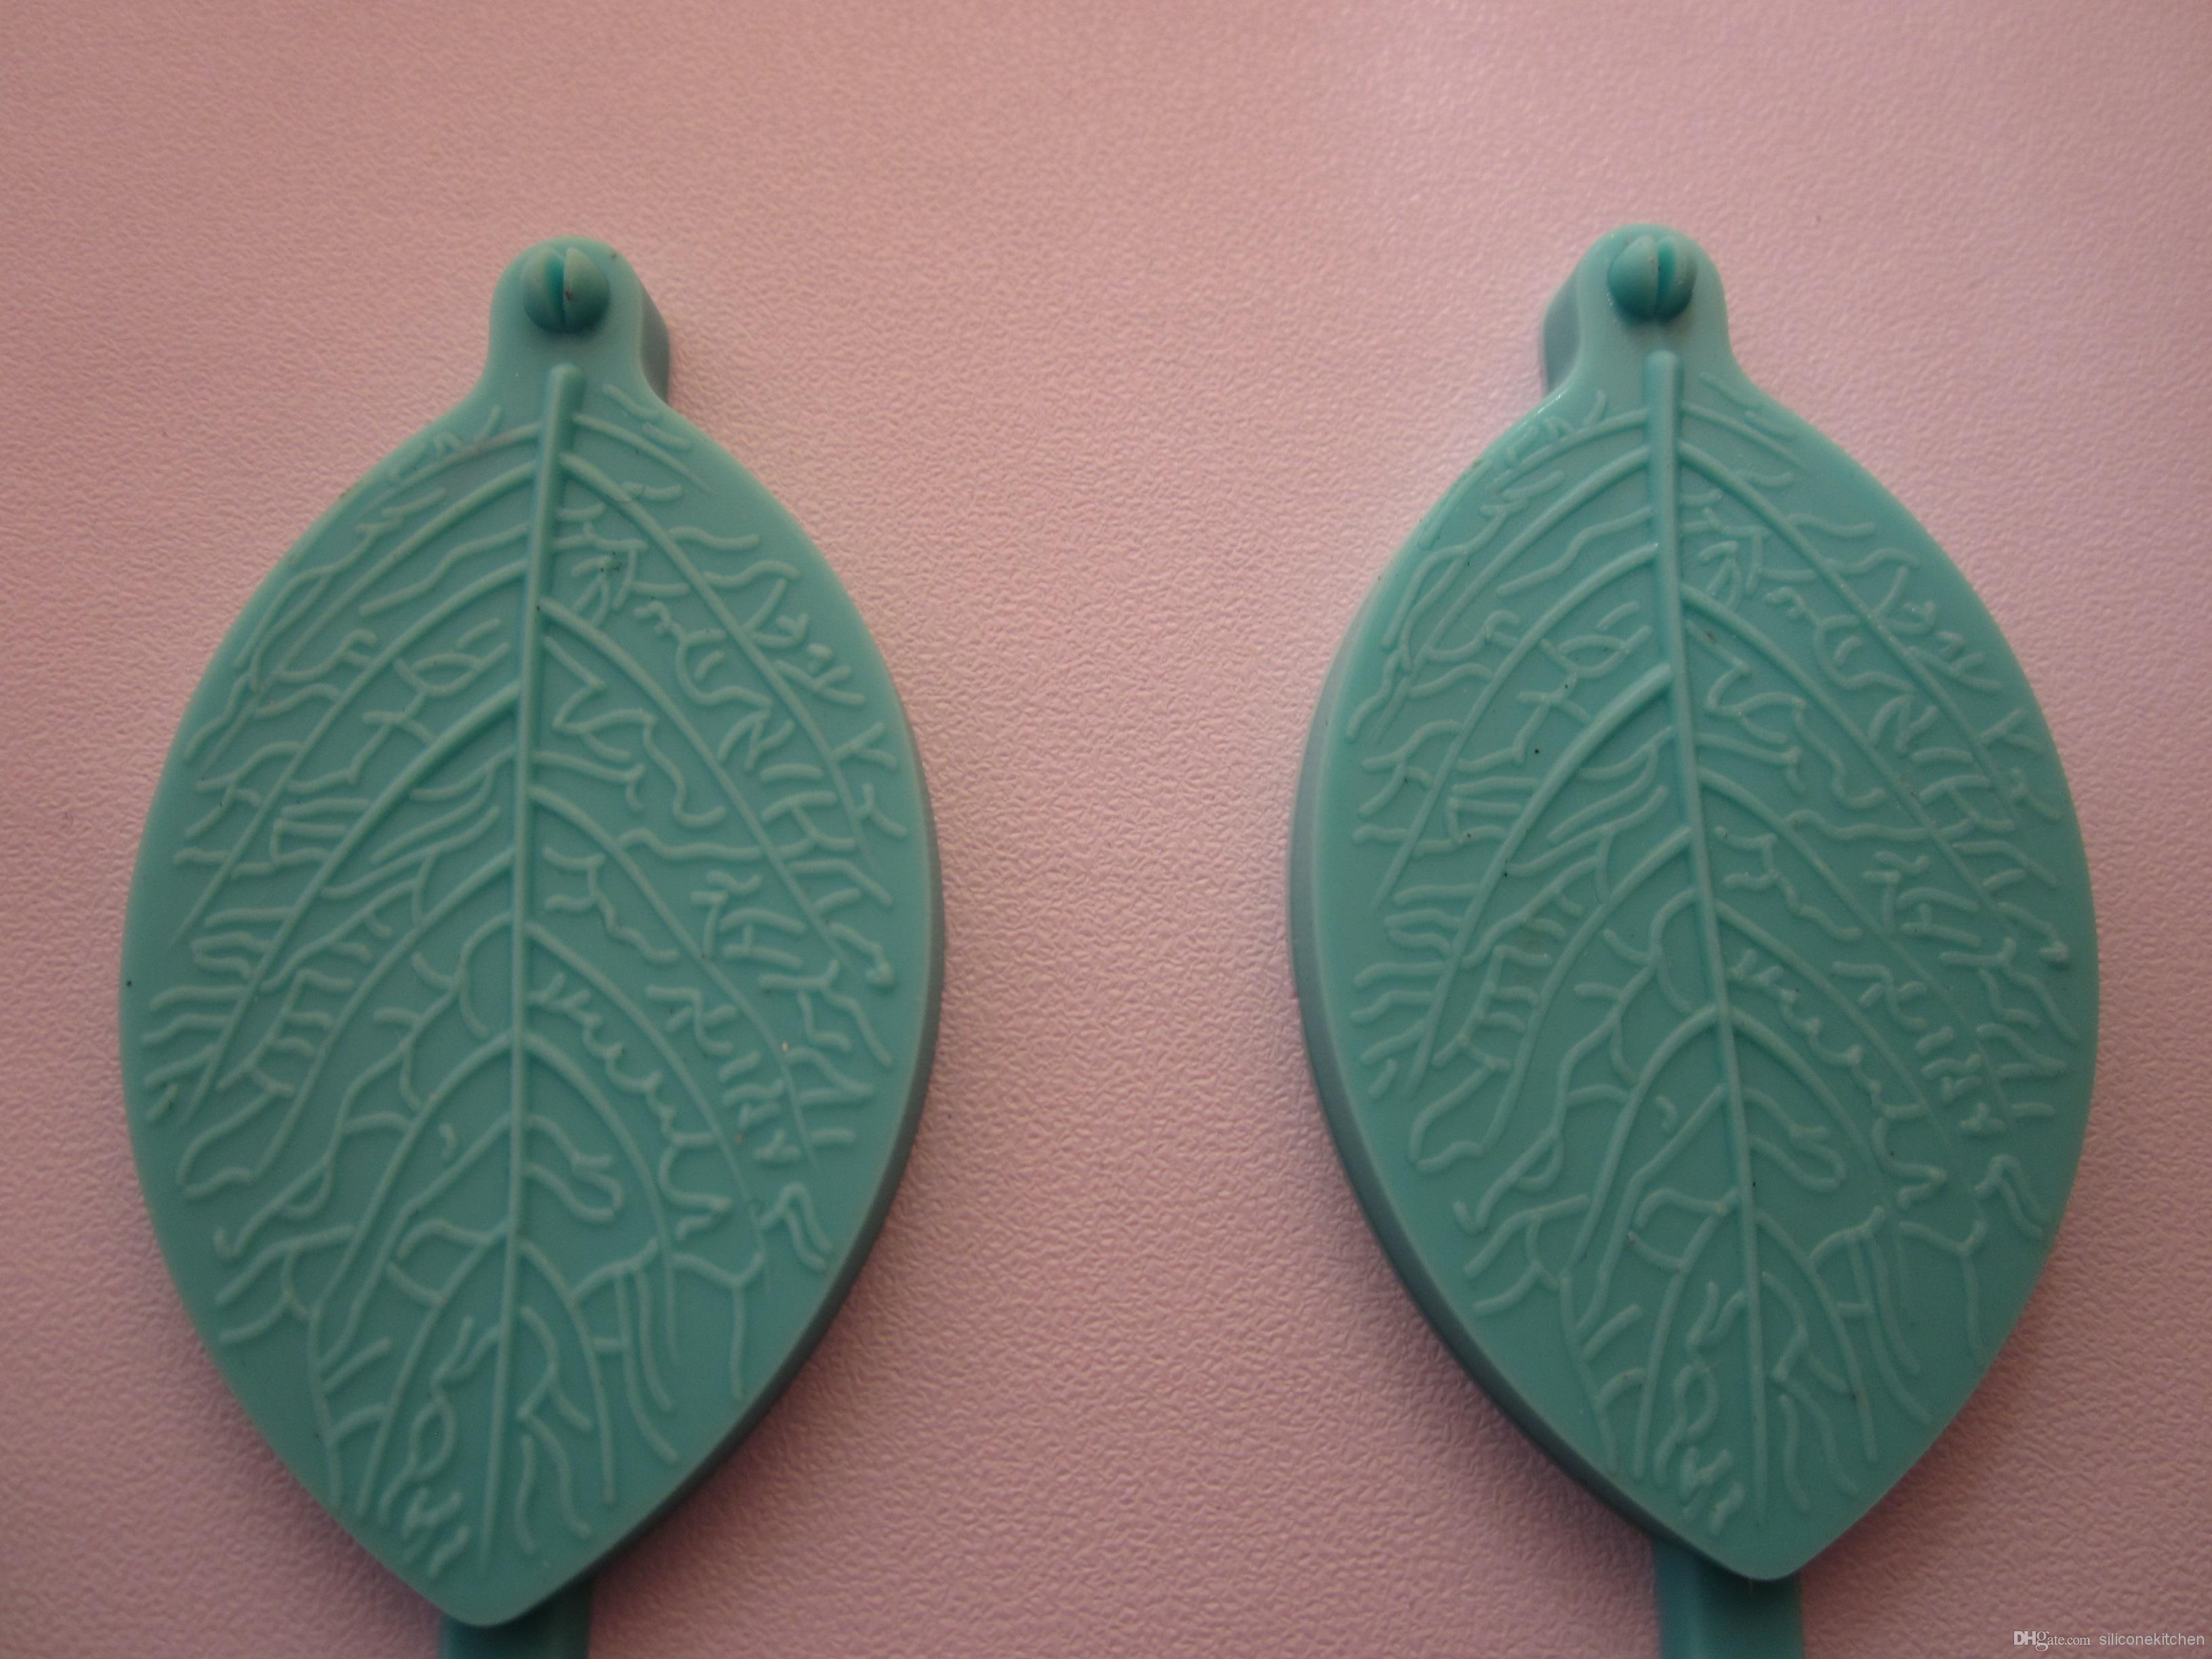 30 unids / lote 100% hojas de silicona molde / fondant molde / cake decorating molde / cake herramientas decorativas + envío gratis